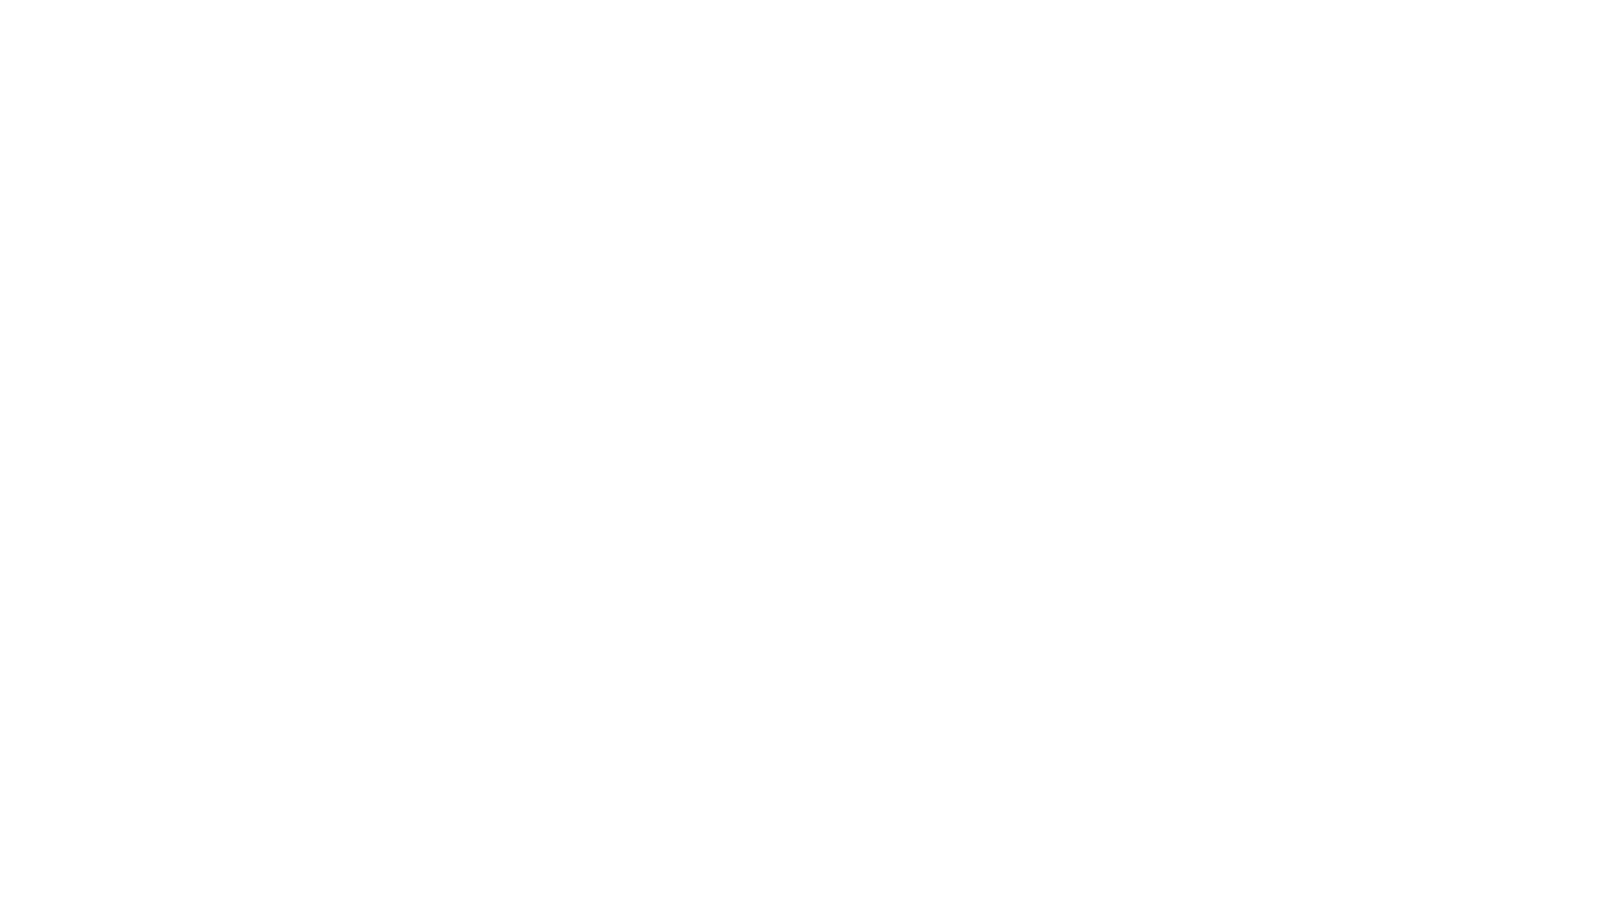 Огляд авто MERCEDES-BENZ C 180 '2003  у м.Київ правий берег, продаж авто в розстрочку,  детально про авто https://planetavto.ua/products/000000160206084